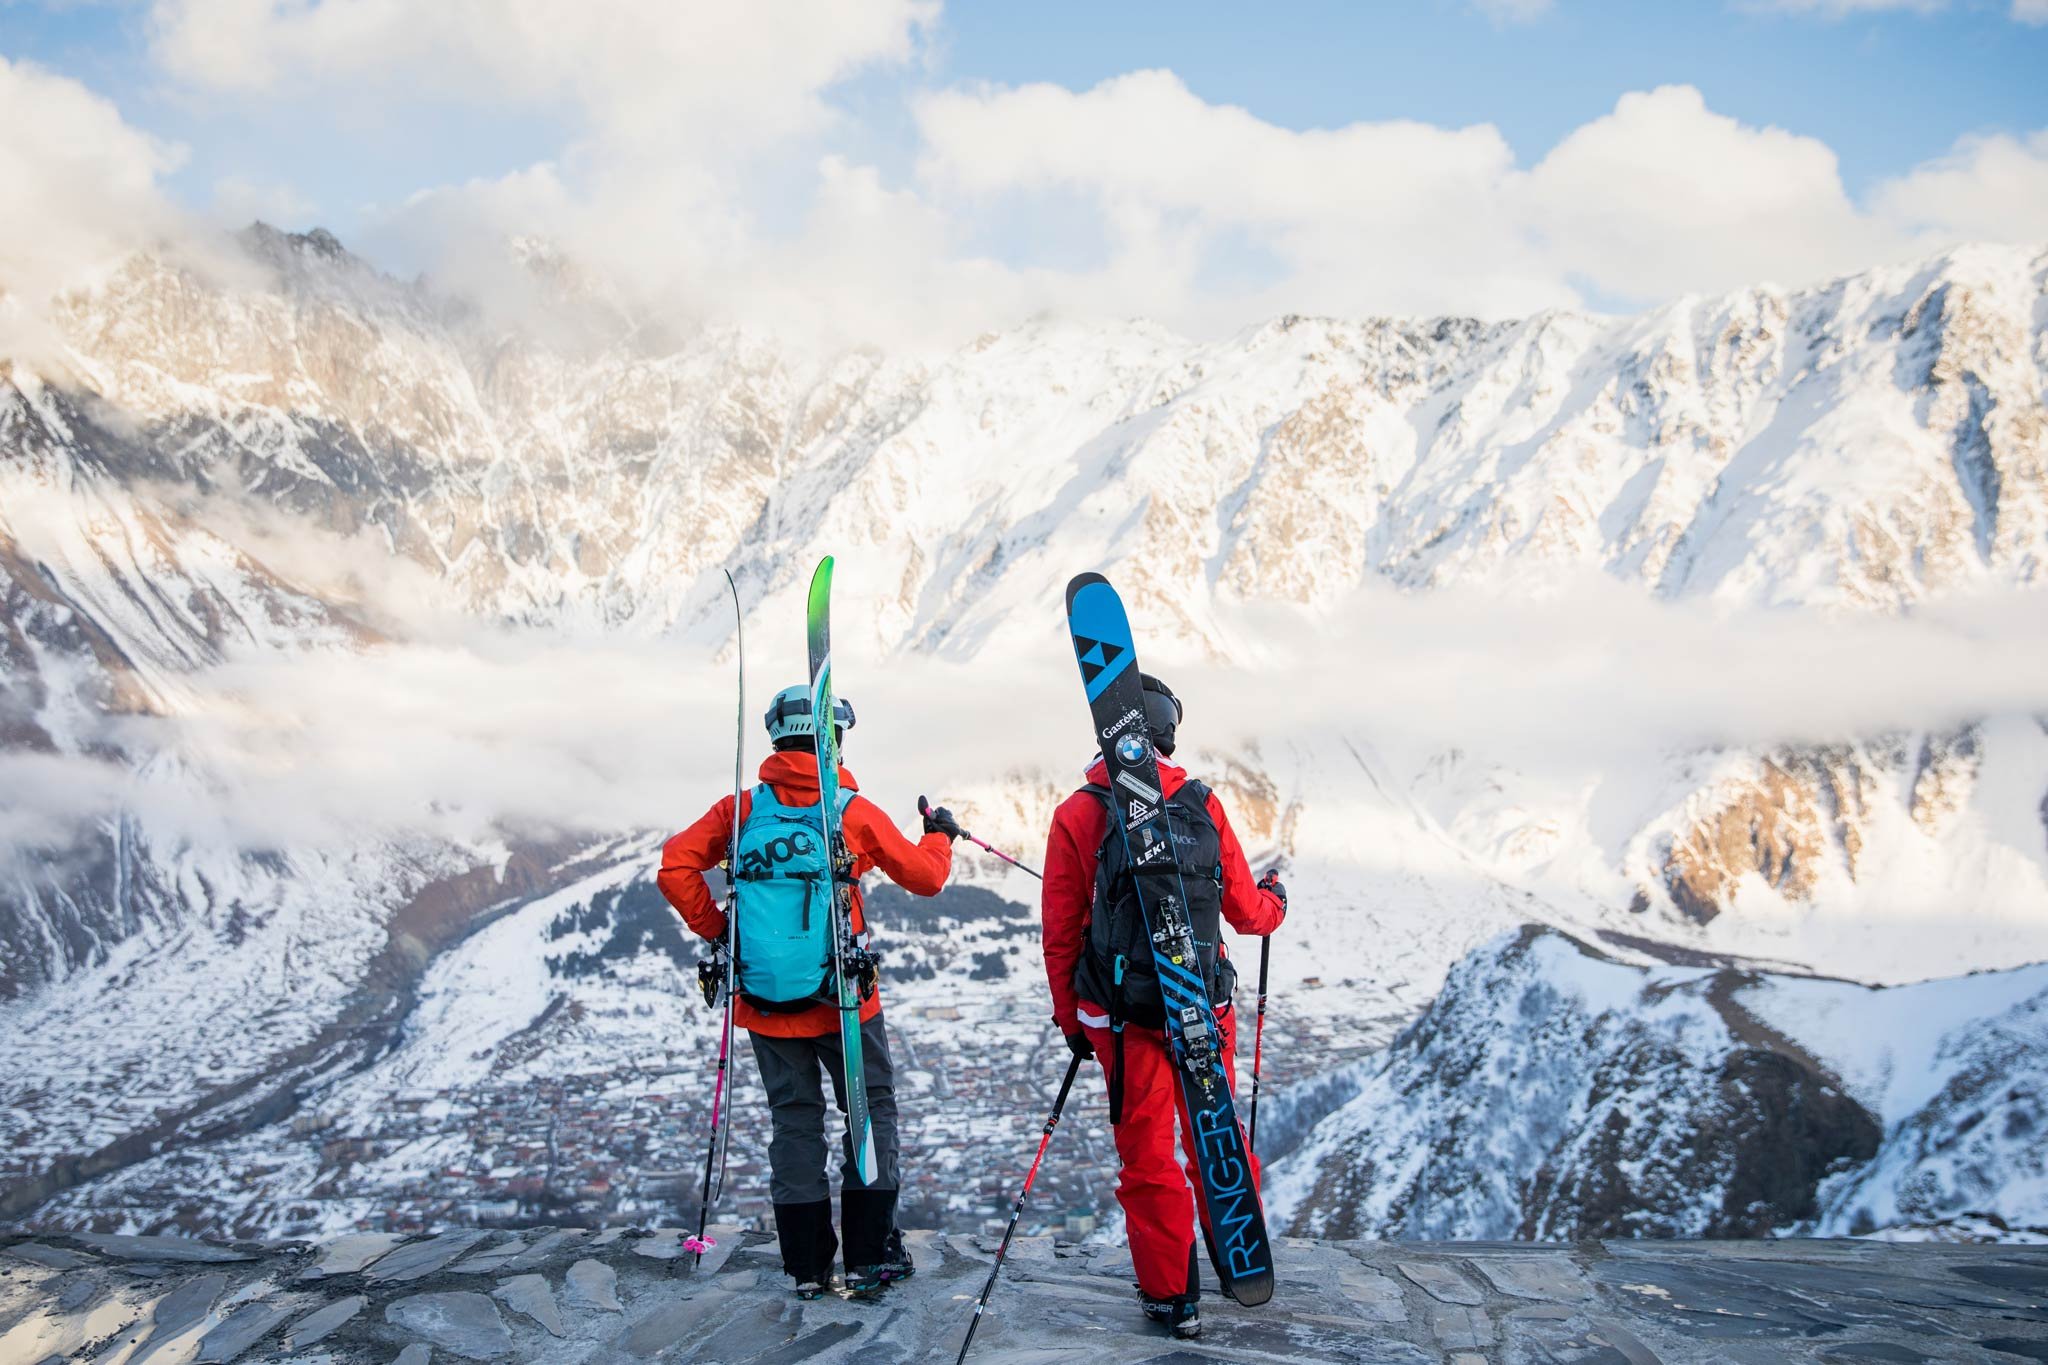 Neu ist Georgien als Ski-Destination nicht mehr, ein persönlich ziemlich einzigartiger Trip bleibt es trotzdem. - Foto: Thomas Marzusch